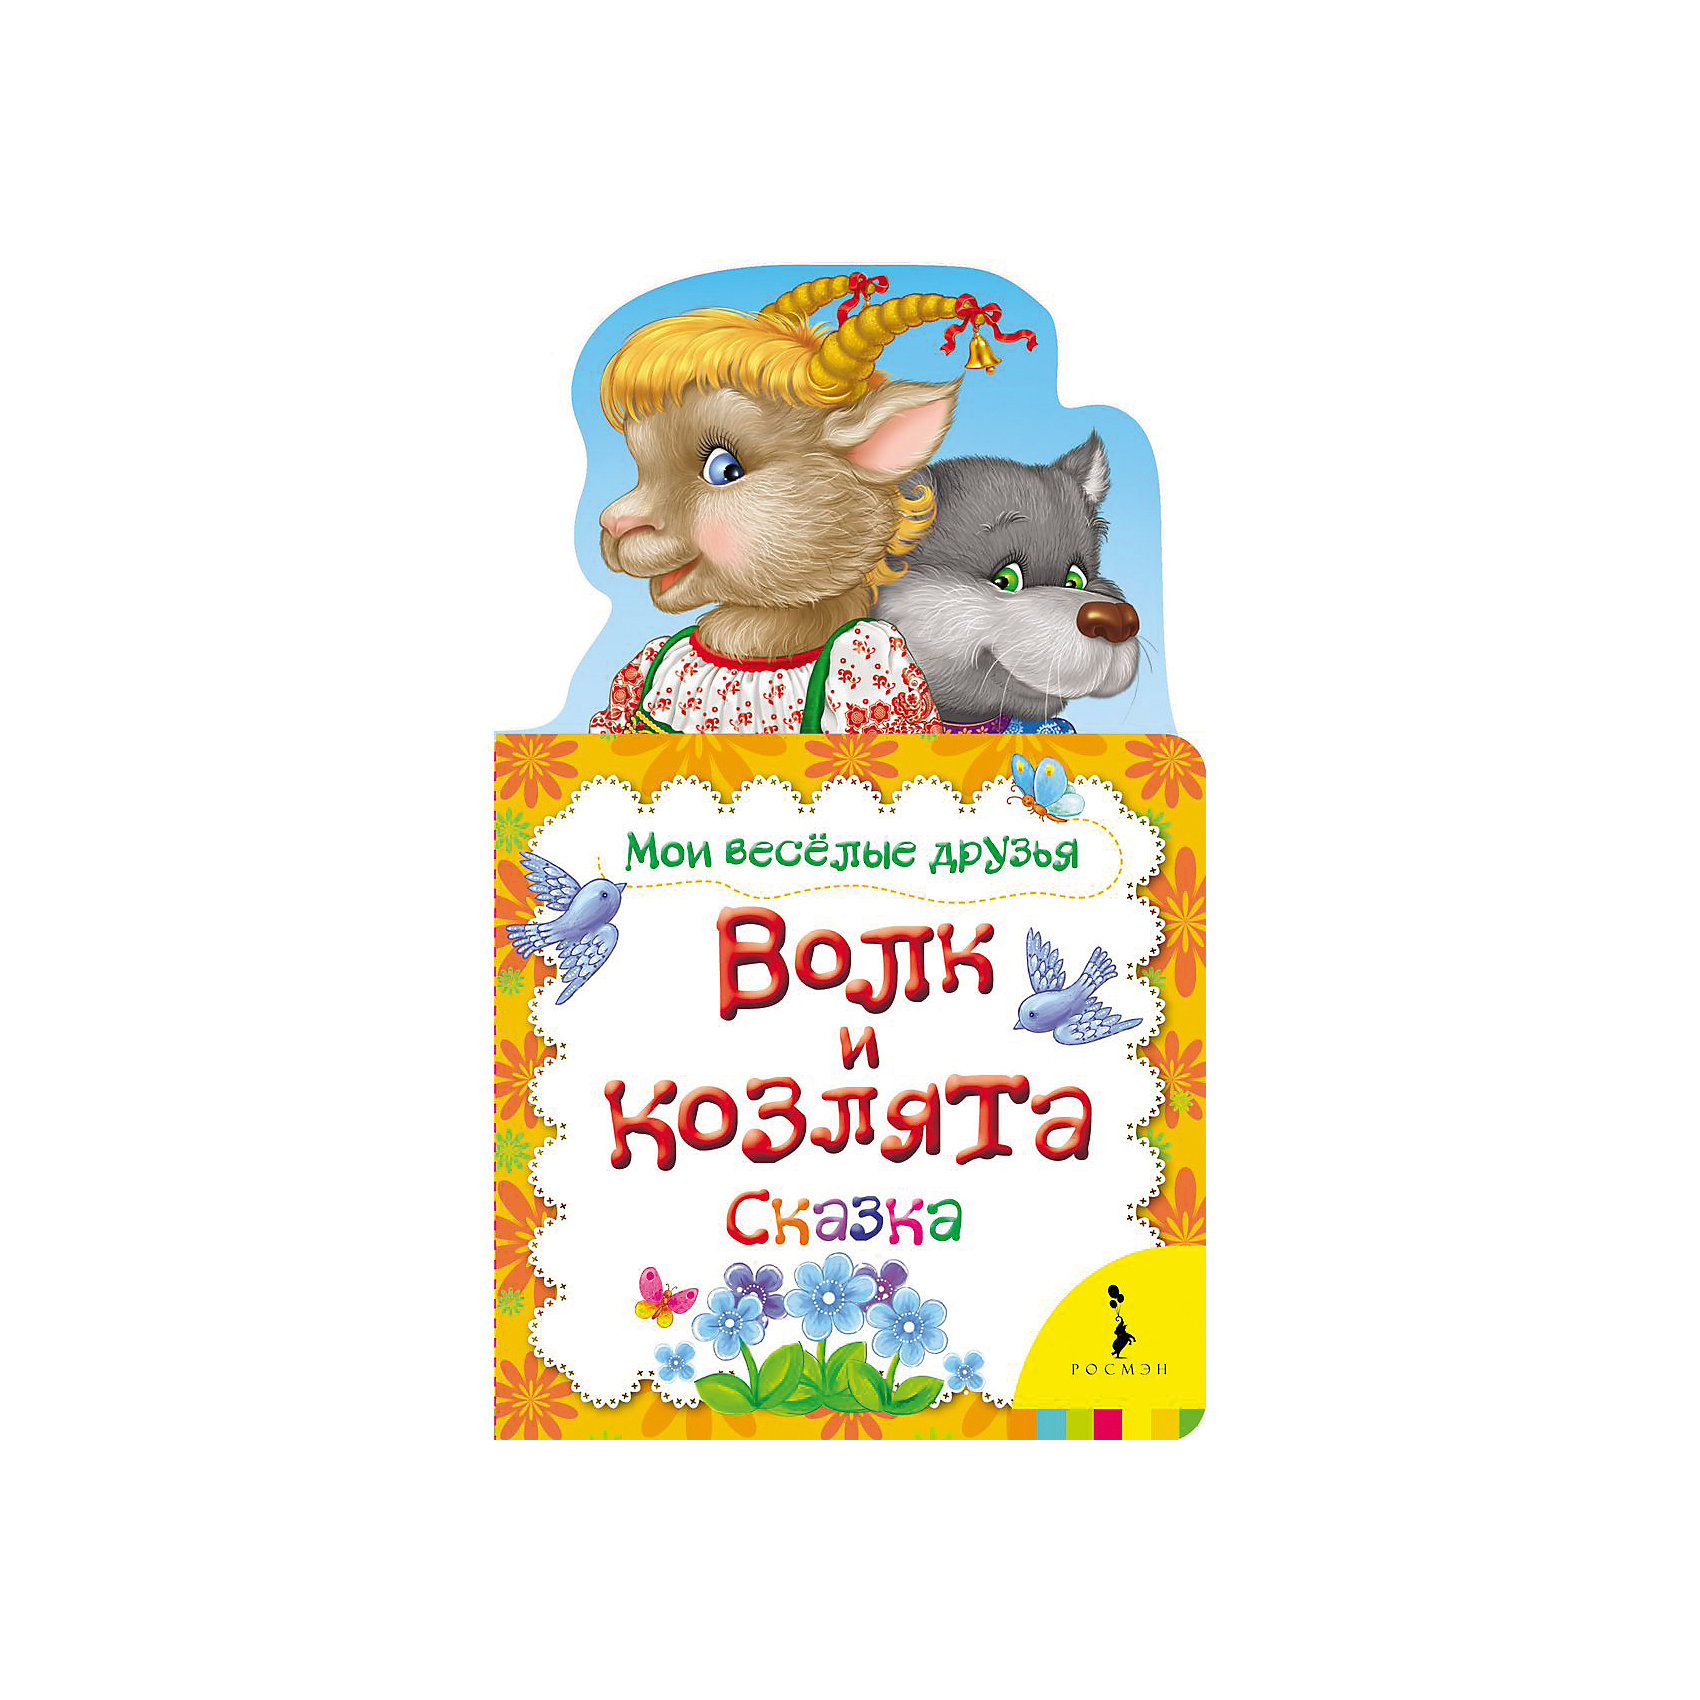 Волк и козлята, Мои веселые друзьяХарактеристики товара:<br><br>- цвет: разноцветный;<br>- материал: картон;<br>- страниц: 12;<br>- формат: 21 х 13 см;<br>- обложка: картон;<br>- с вырубкой. <br><br>Издания серии Мои веселые друзья - отличный способ занять ребенка! Эта красочная книга станет отличным подарком для родителей и малыша. Она содержит в себе известные сказки, которые так любят дети. Отличный способ привить малышу любовь к чтению! Удобный формат и плотные странички позволят брать книгу с собой в поездки.<br>Чтение и рассматривание картинок даже в юном возрасте помогает ребенку развивать память, концентрацию внимания и воображение. Издание произведено из качественных материалов, которые безопасны даже для самых маленьких.<br><br>Издание Волк и козлята, Мои веселые друзья от компании Росмэн можно купить в нашем интернет-магазине.<br><br>Ширина мм: 210<br>Глубина мм: 125<br>Высота мм: 10<br>Вес г: 95<br>Возраст от месяцев: 0<br>Возраст до месяцев: 36<br>Пол: Унисекс<br>Возраст: Детский<br>SKU: 5110262